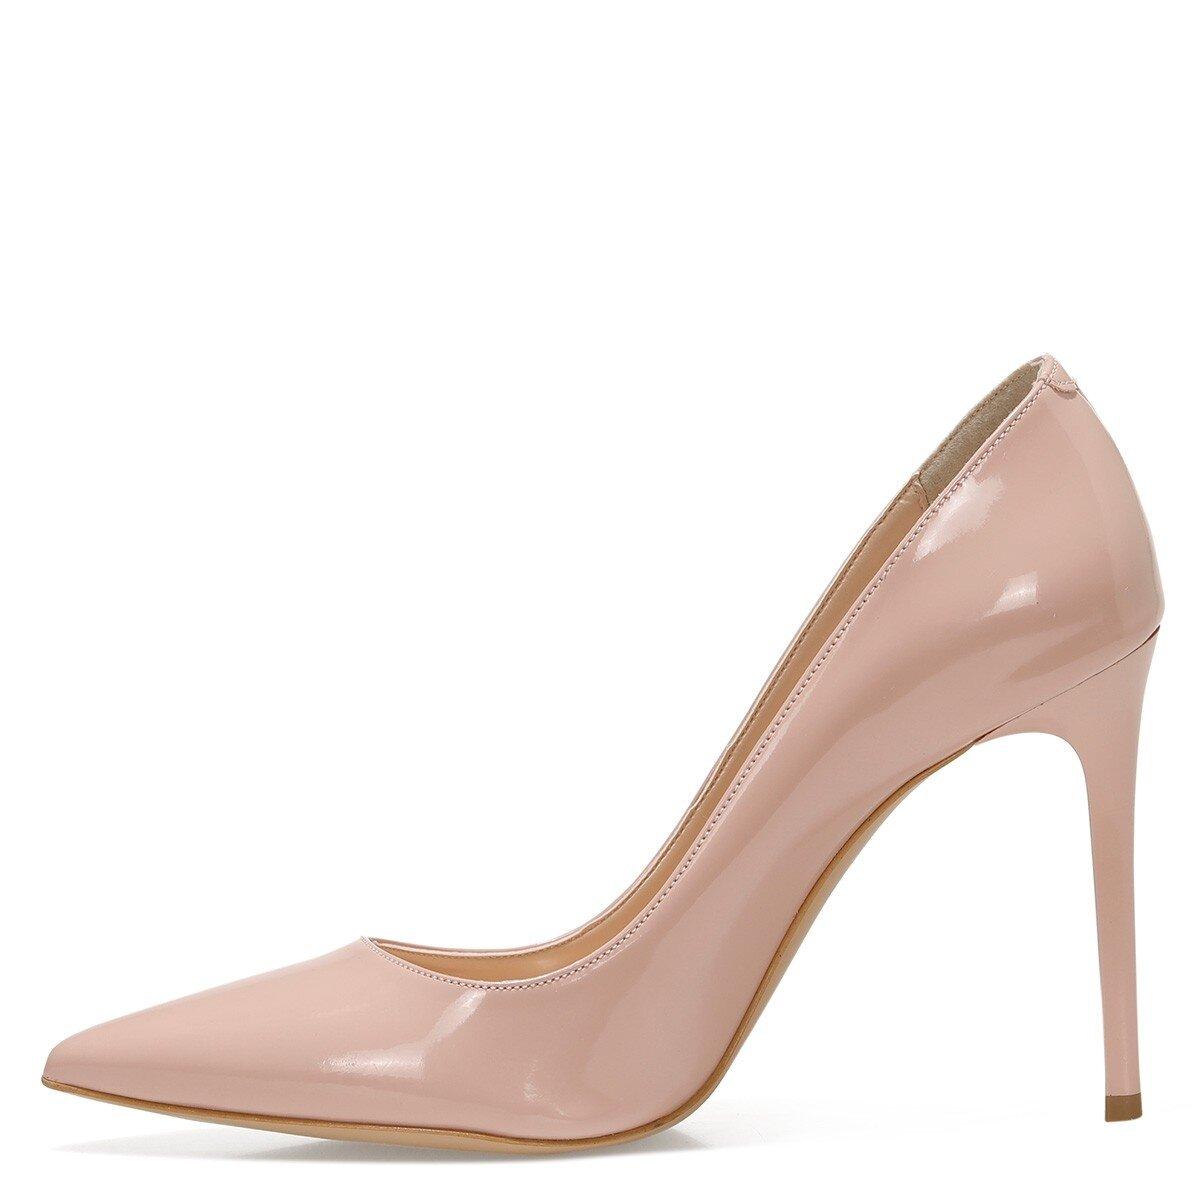 SUNDE 1FX Pudra Kadın Gova Ayakkabı